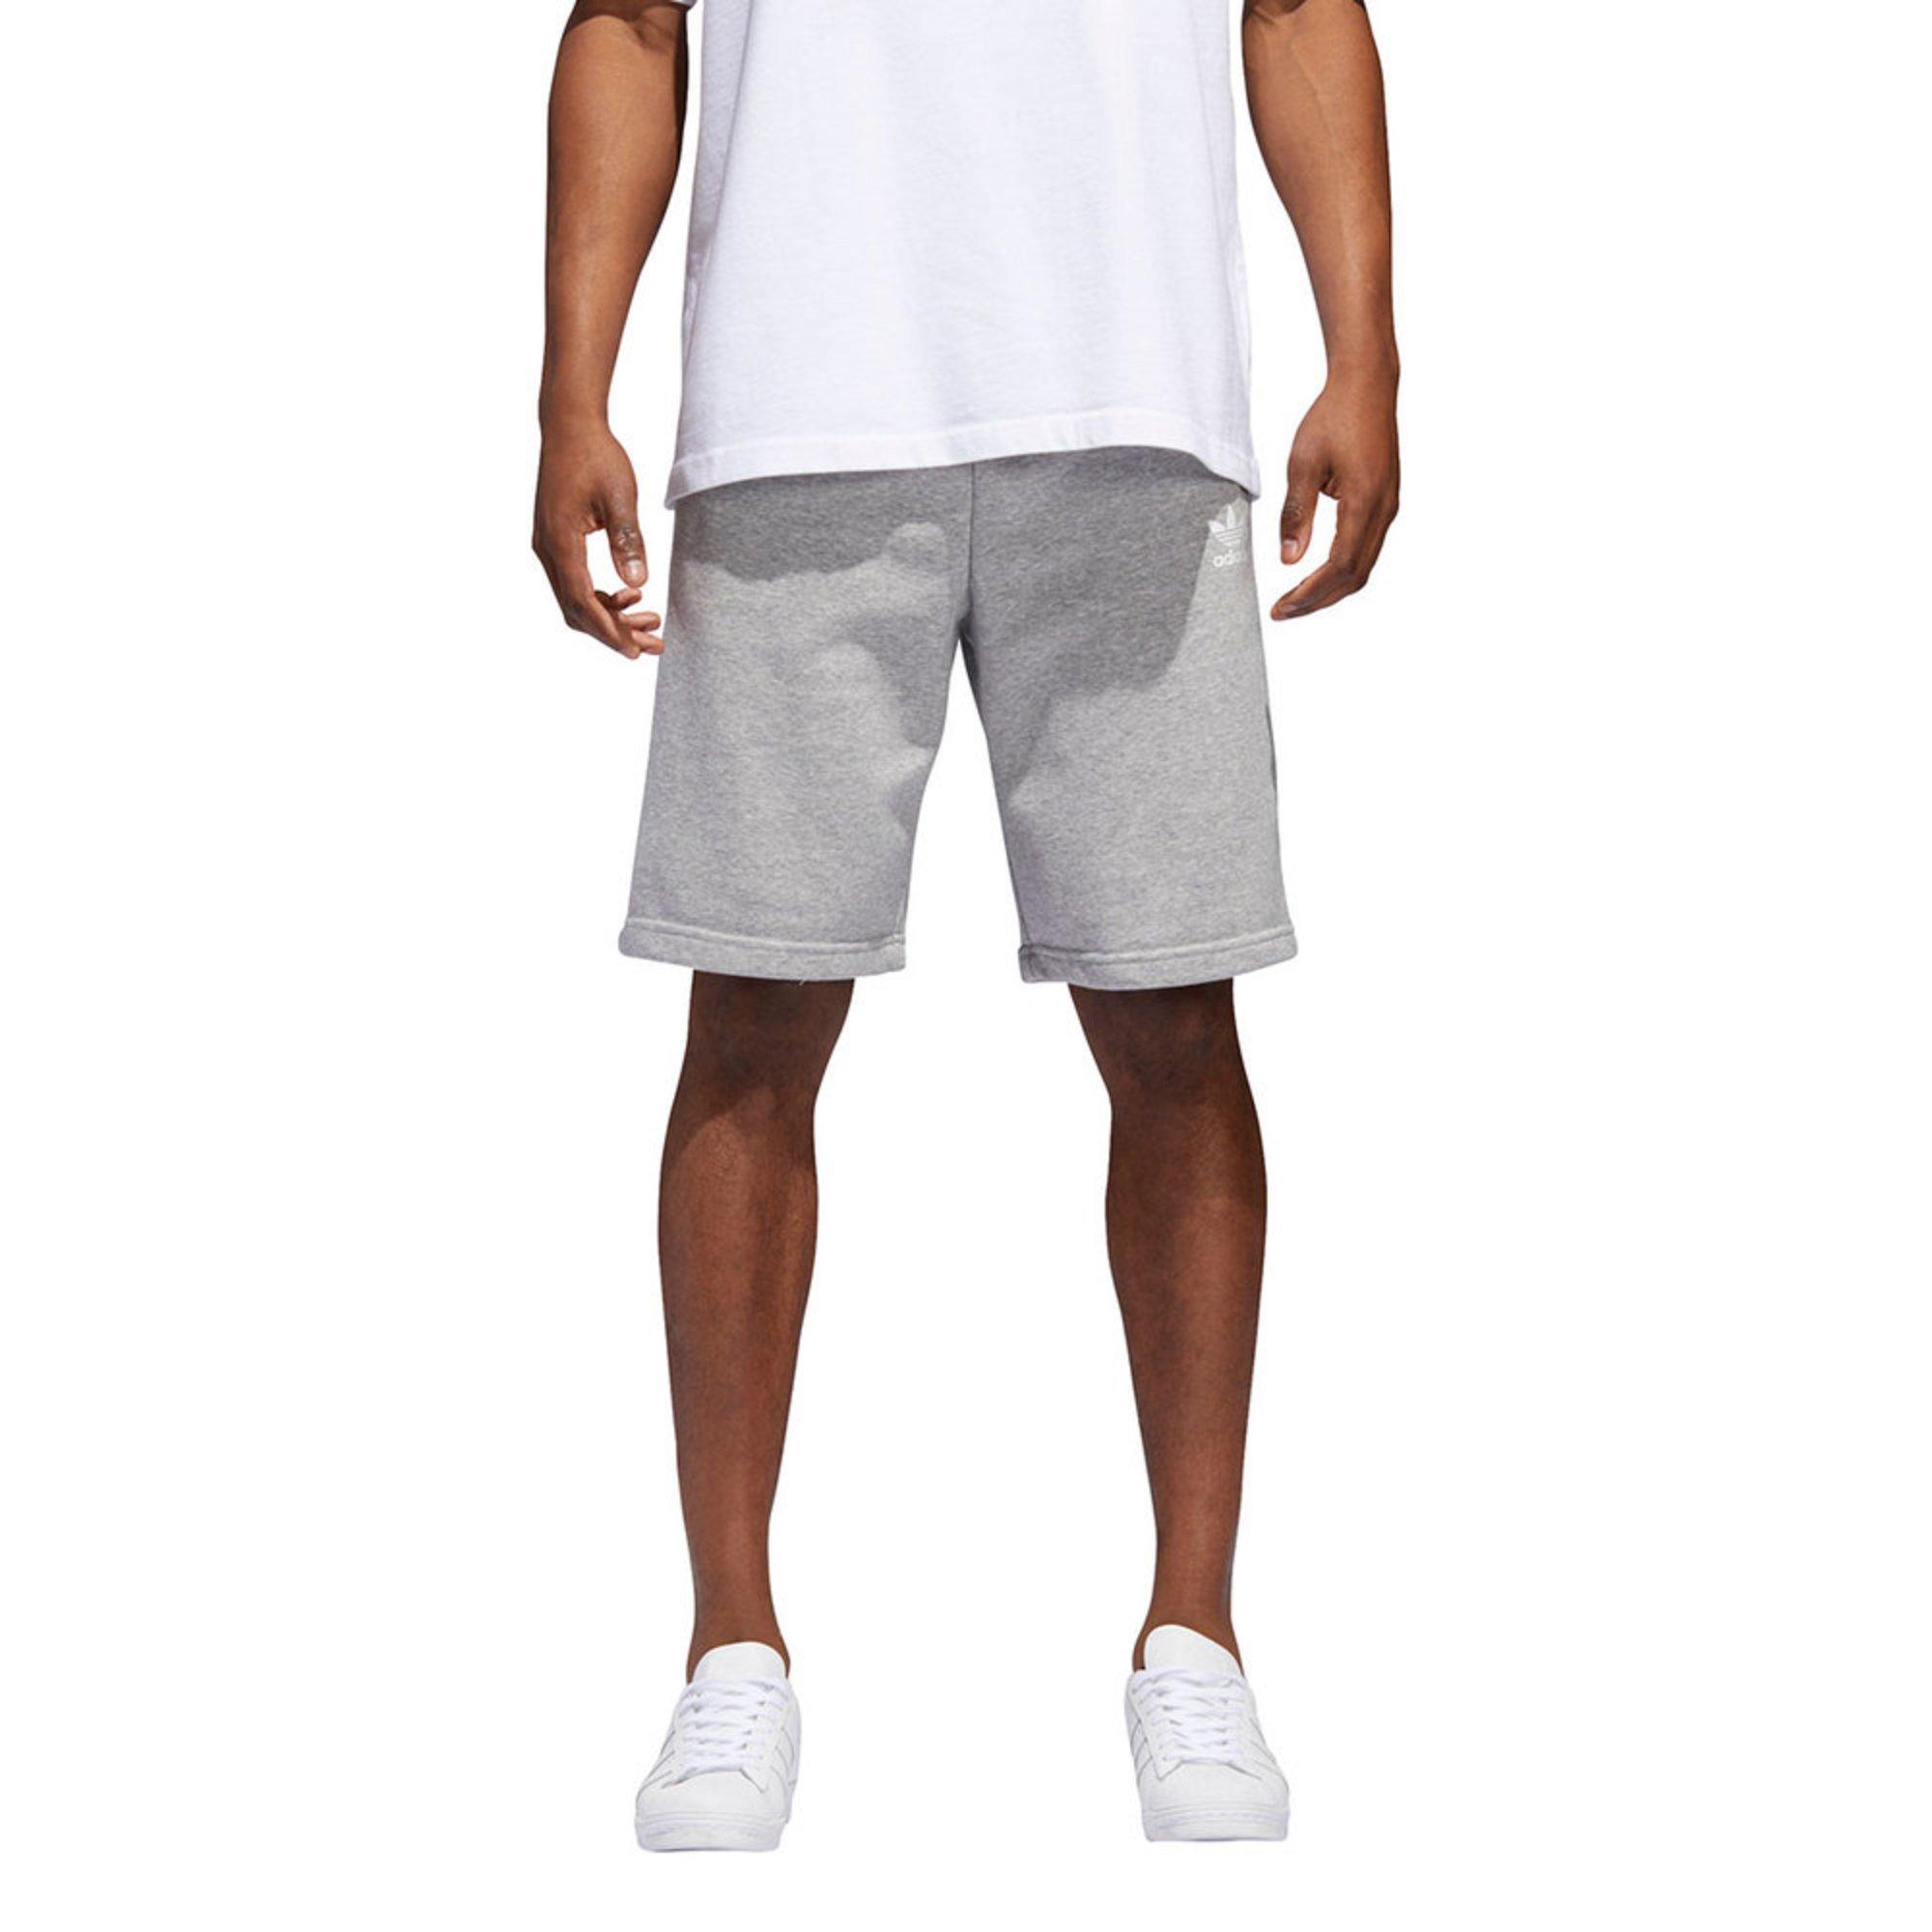 886445735eee Adidas Men s Originals Front Shorts